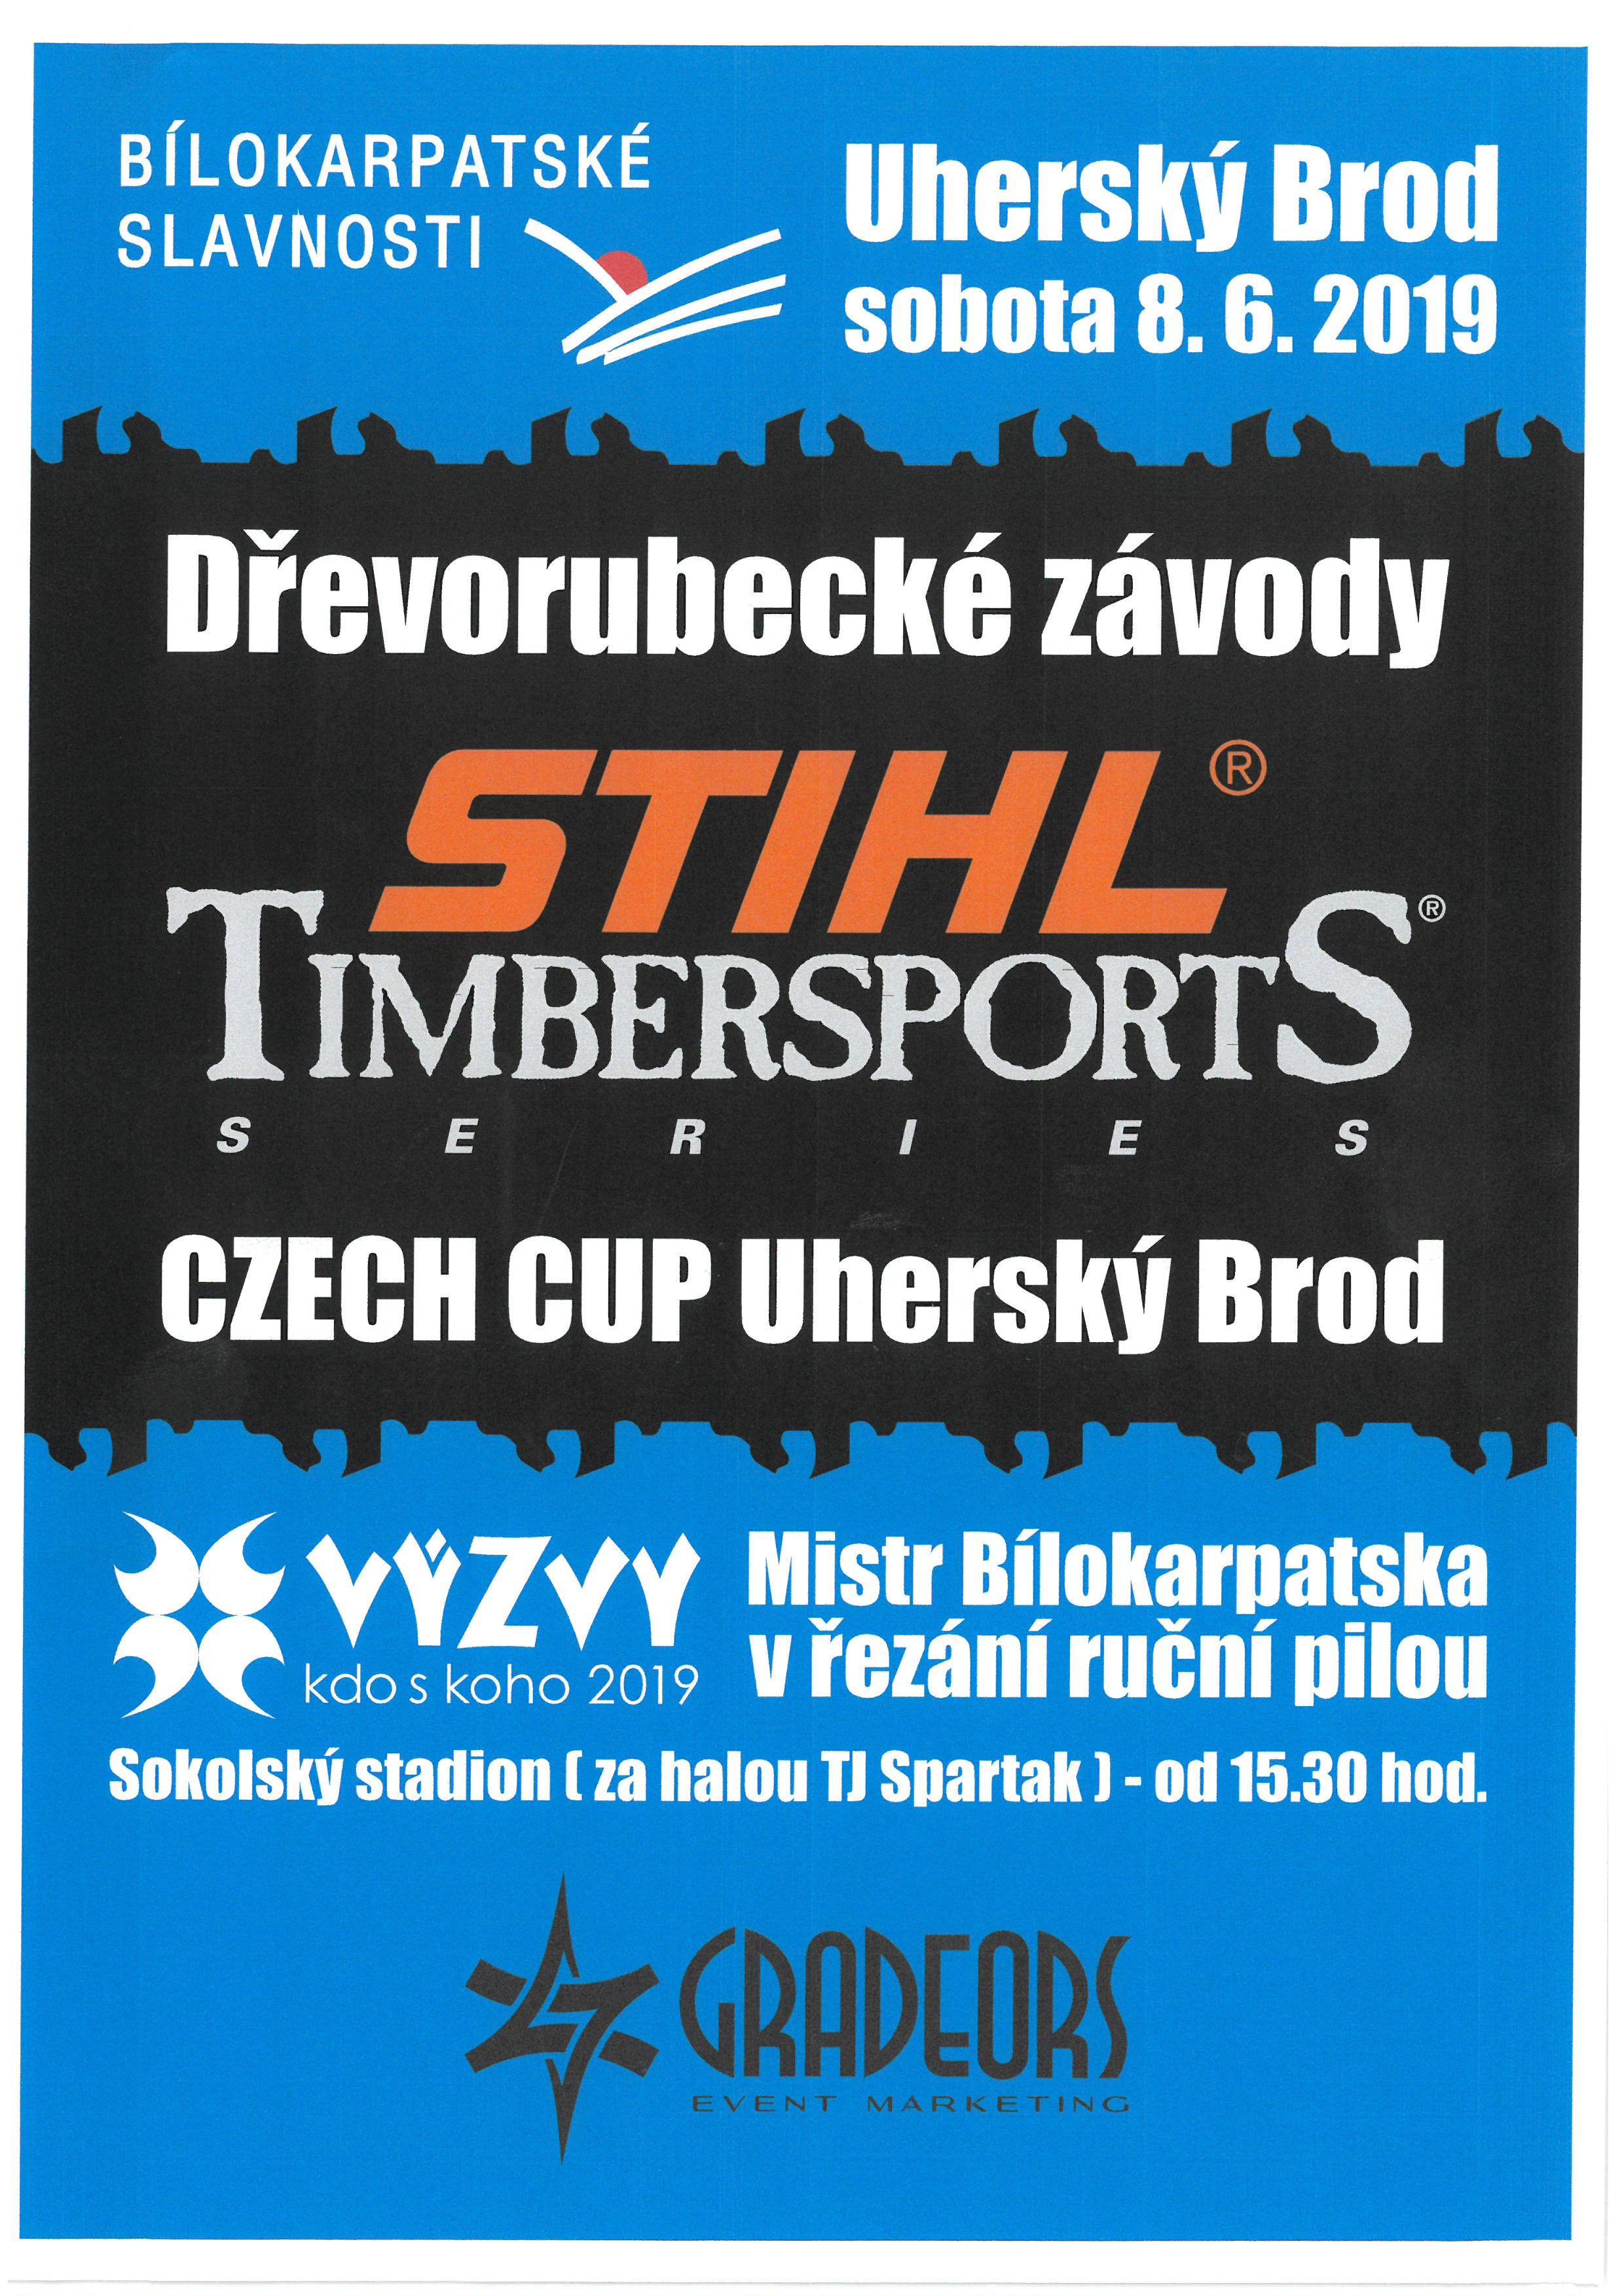 BÍLOKARPATSKÉ SLAVNOSTI - Dřevorubecké závody - plakát